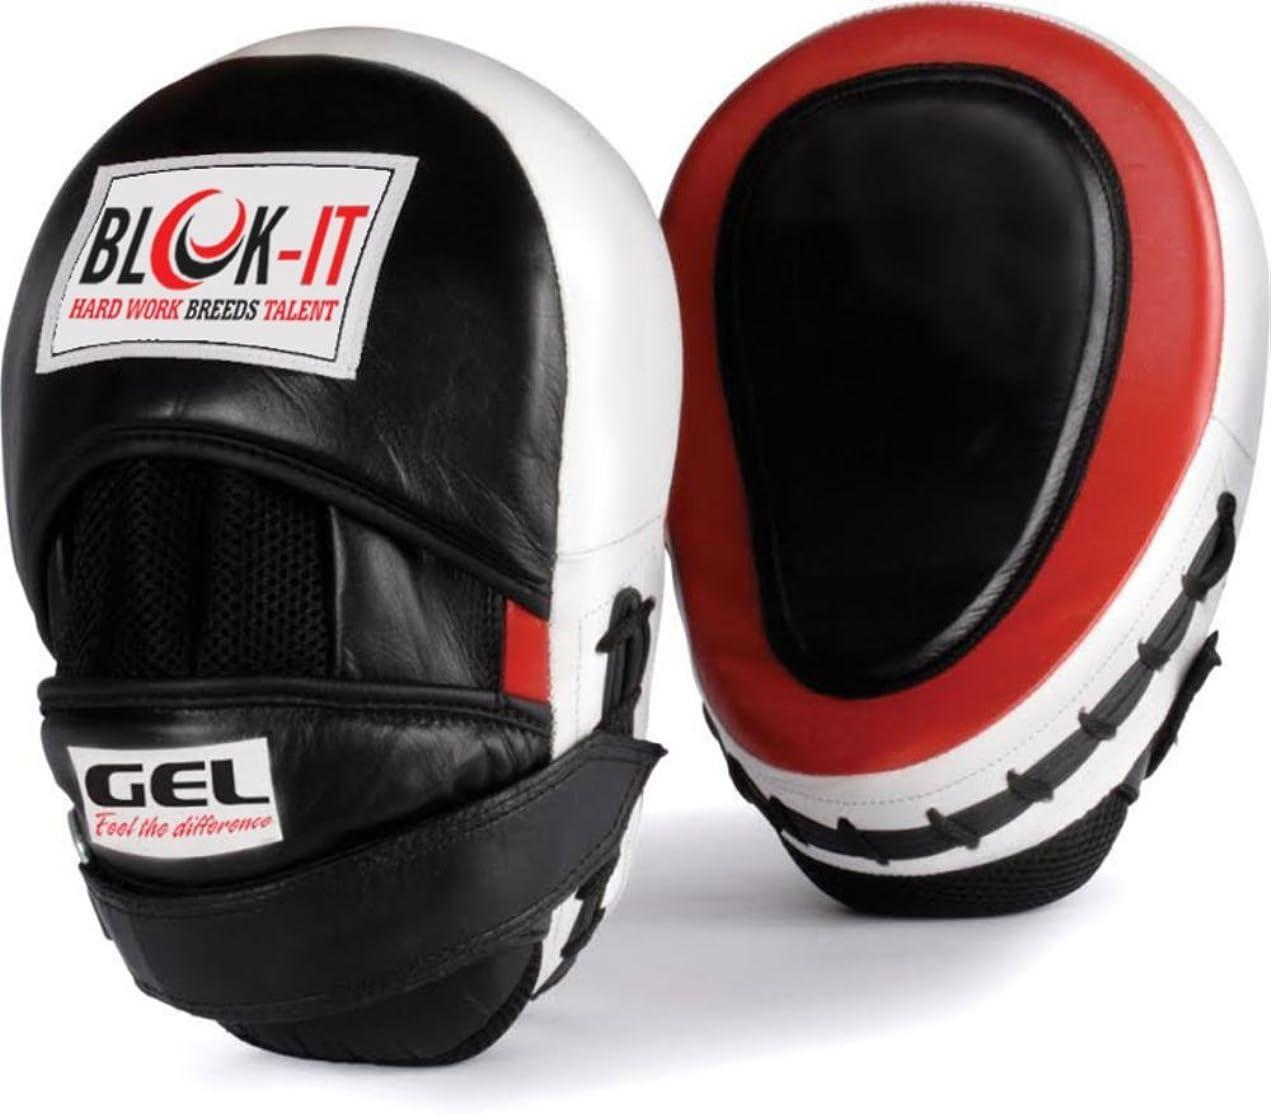 ギャロップハードリング残忍なゲル入りパンチングミット: Blok-iT - [パンチングパッド、パンチミットボクシングパッド、パンチンググローブ、フック&ジャブパッド] - ボクシング、MMA、タイボクシング、キックボクシング、ボクササイズ、空手、テコンドー、クラヴマガ、詠春拳、その他格闘技に最適